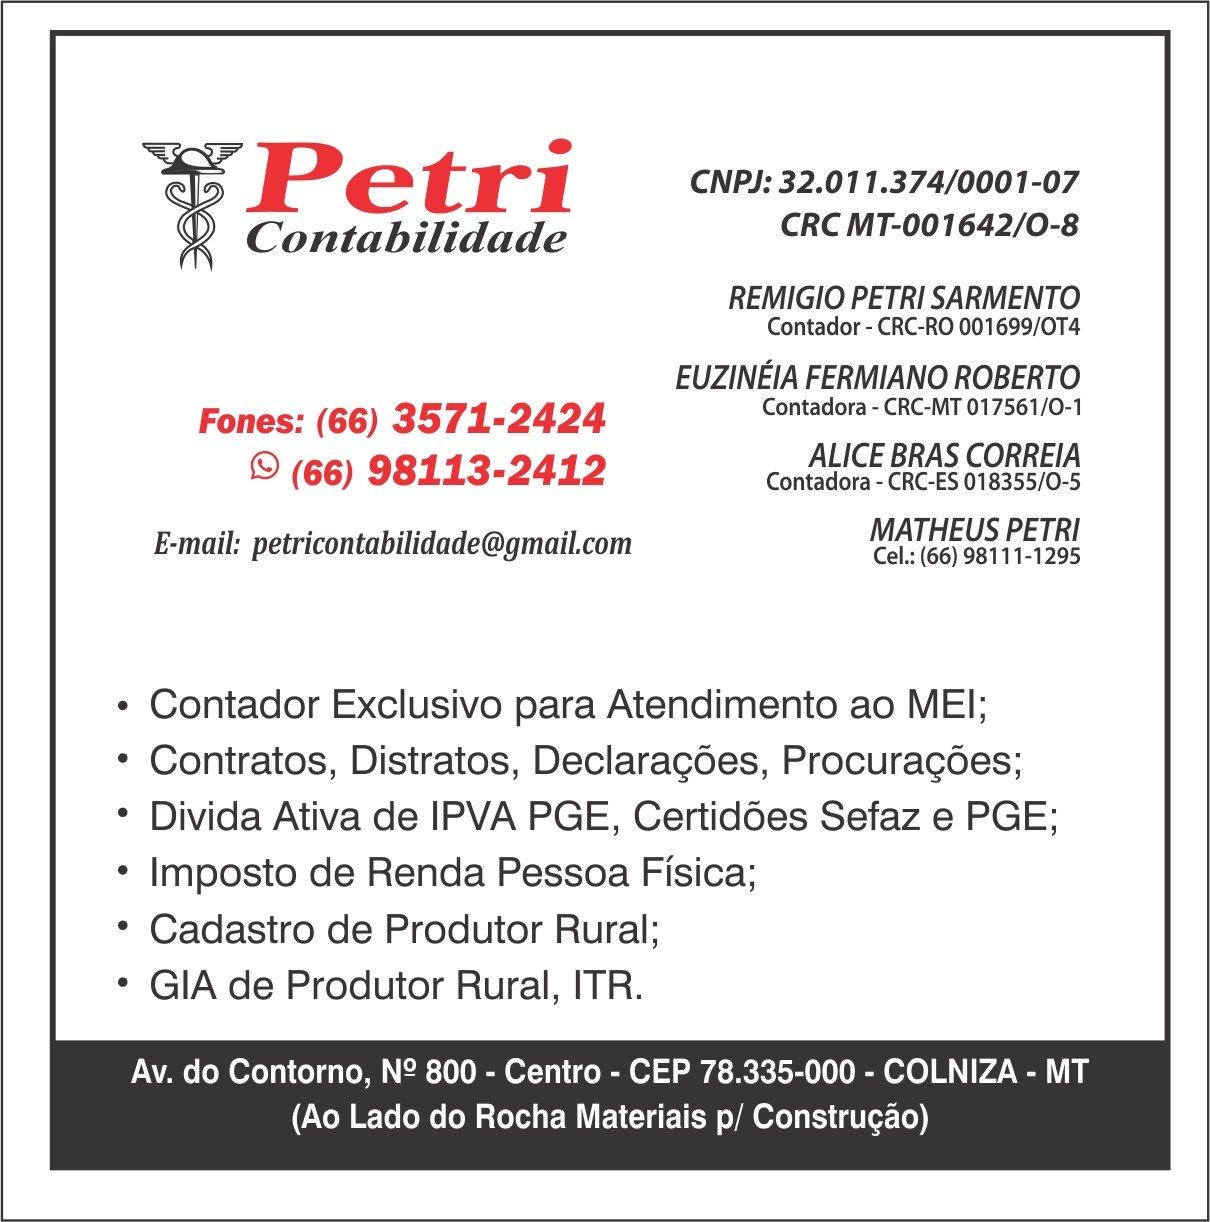 Petri contabilidade